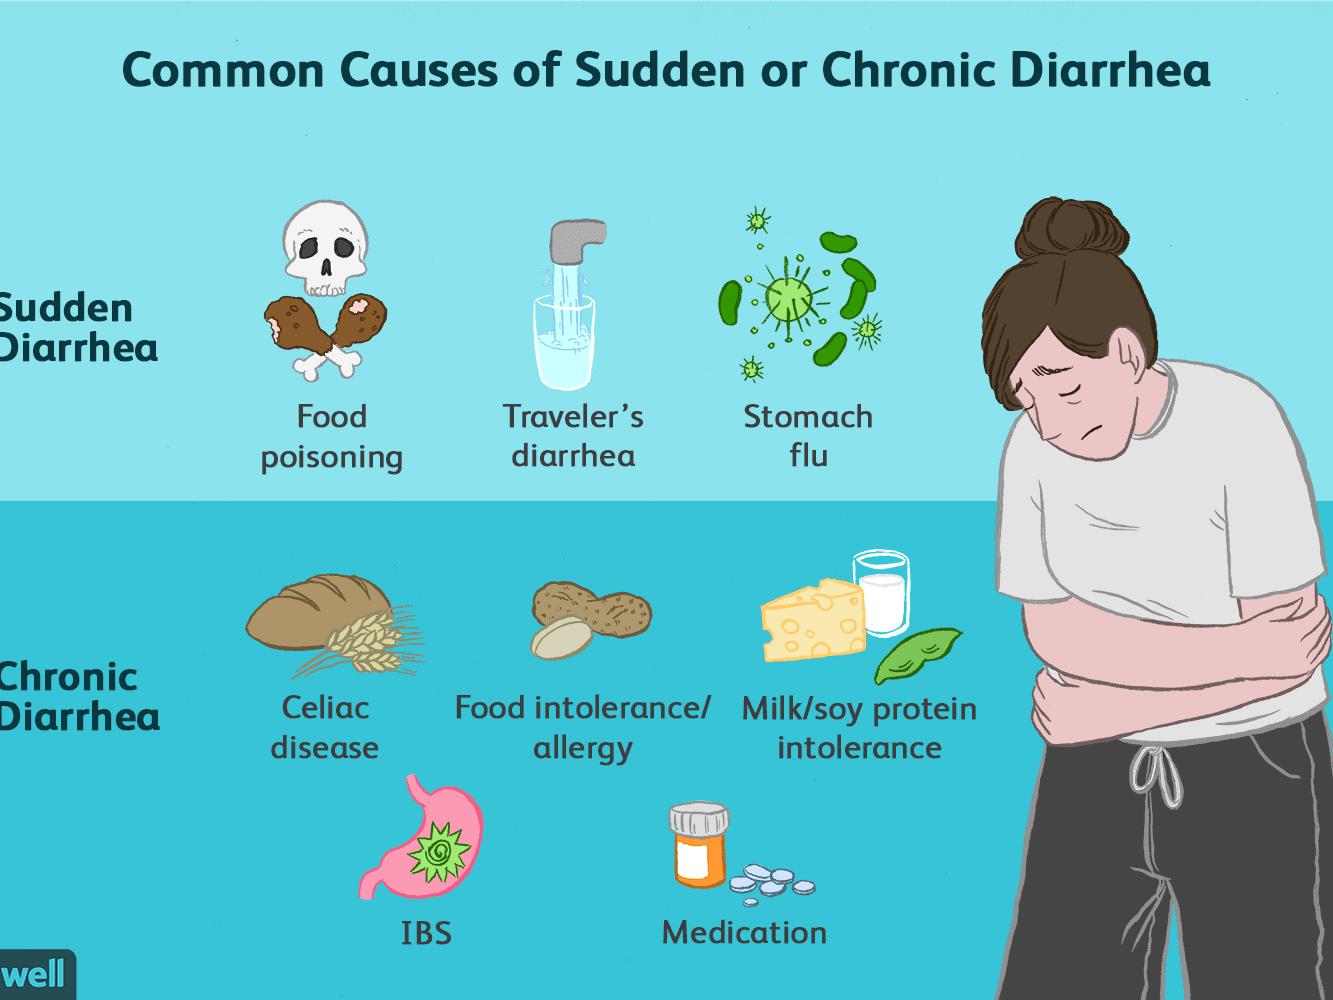 Chronic diarrhea in adults